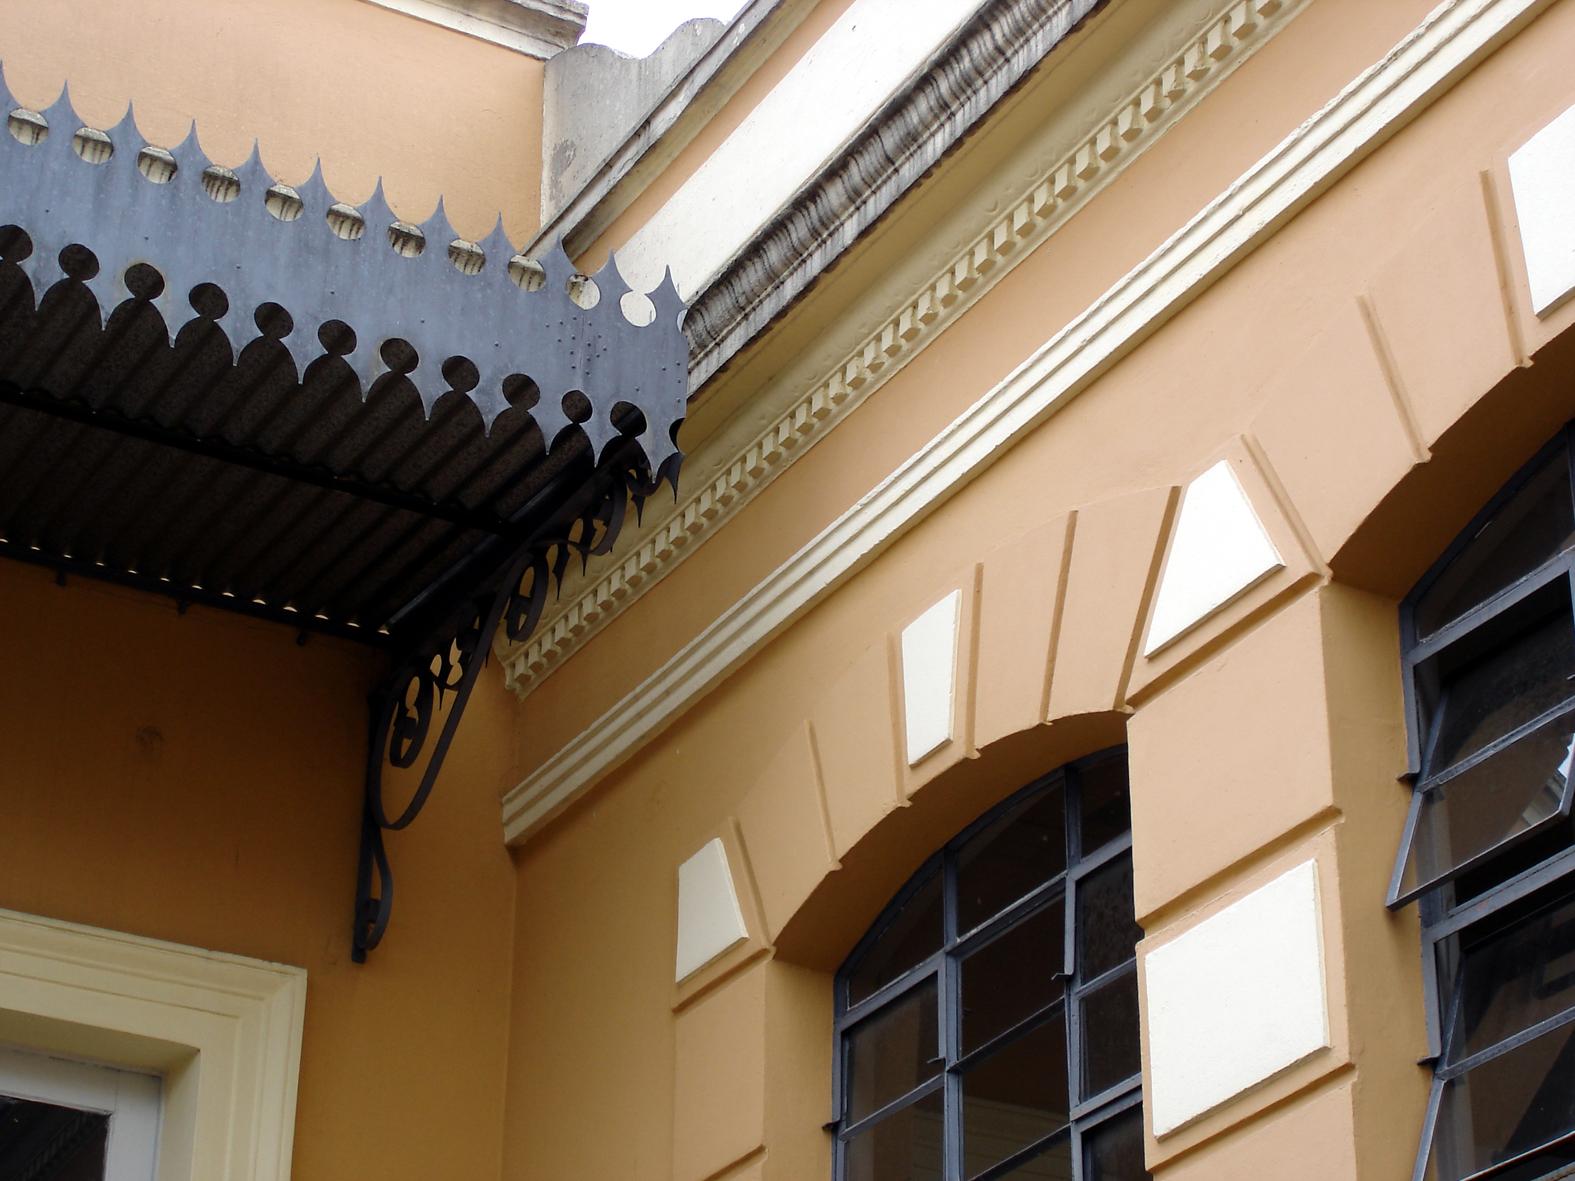 Detalhe da marquise metálica do acesso à ala central do Colégio Estadual Dr. Xavier da Silva, em 2008.